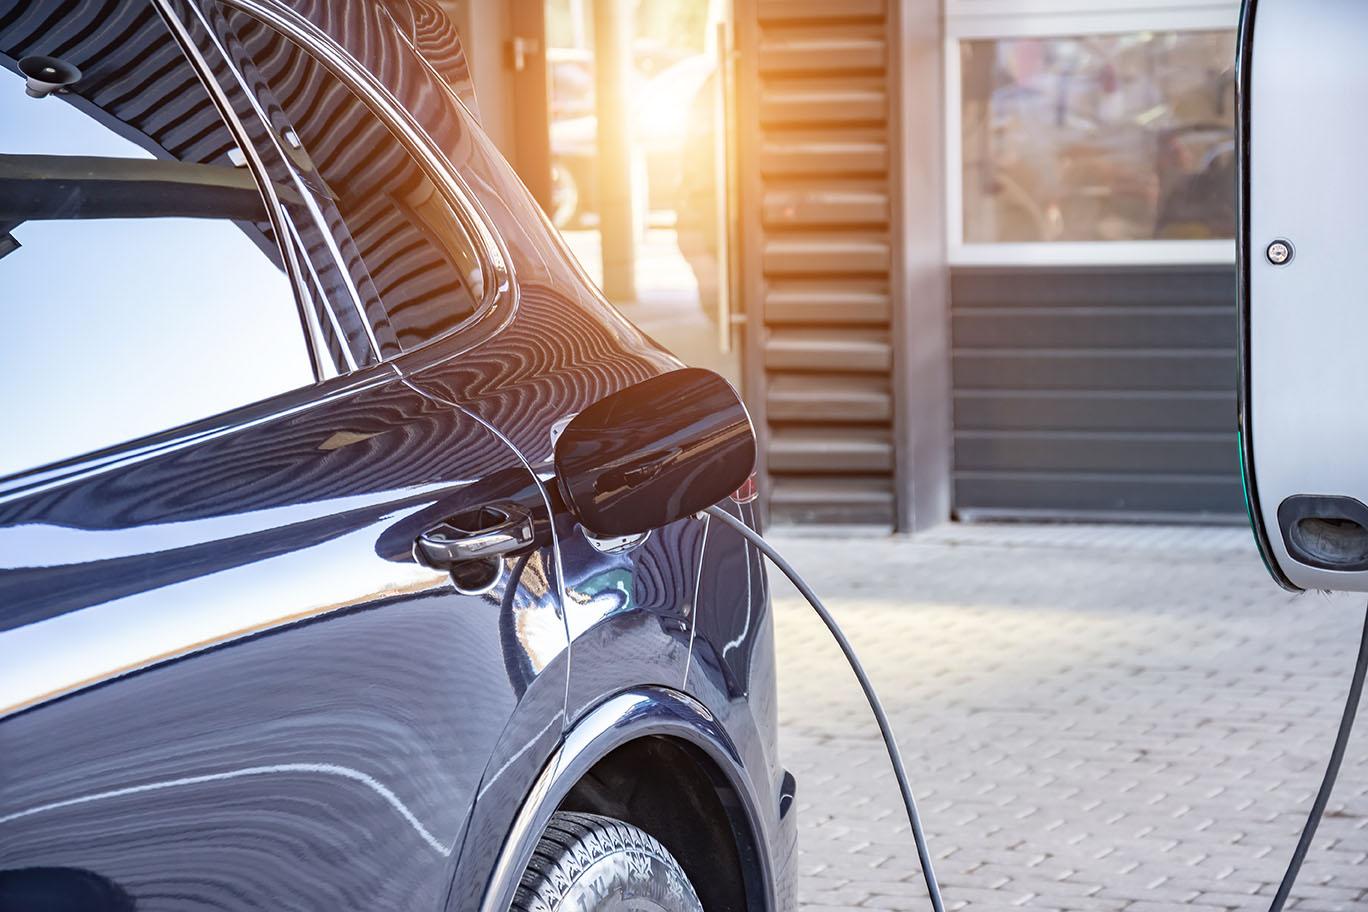 Vi installerar laddstationer i Helsingborg utomhus i närheten av ert garage. Här laddas en bil utomhus.